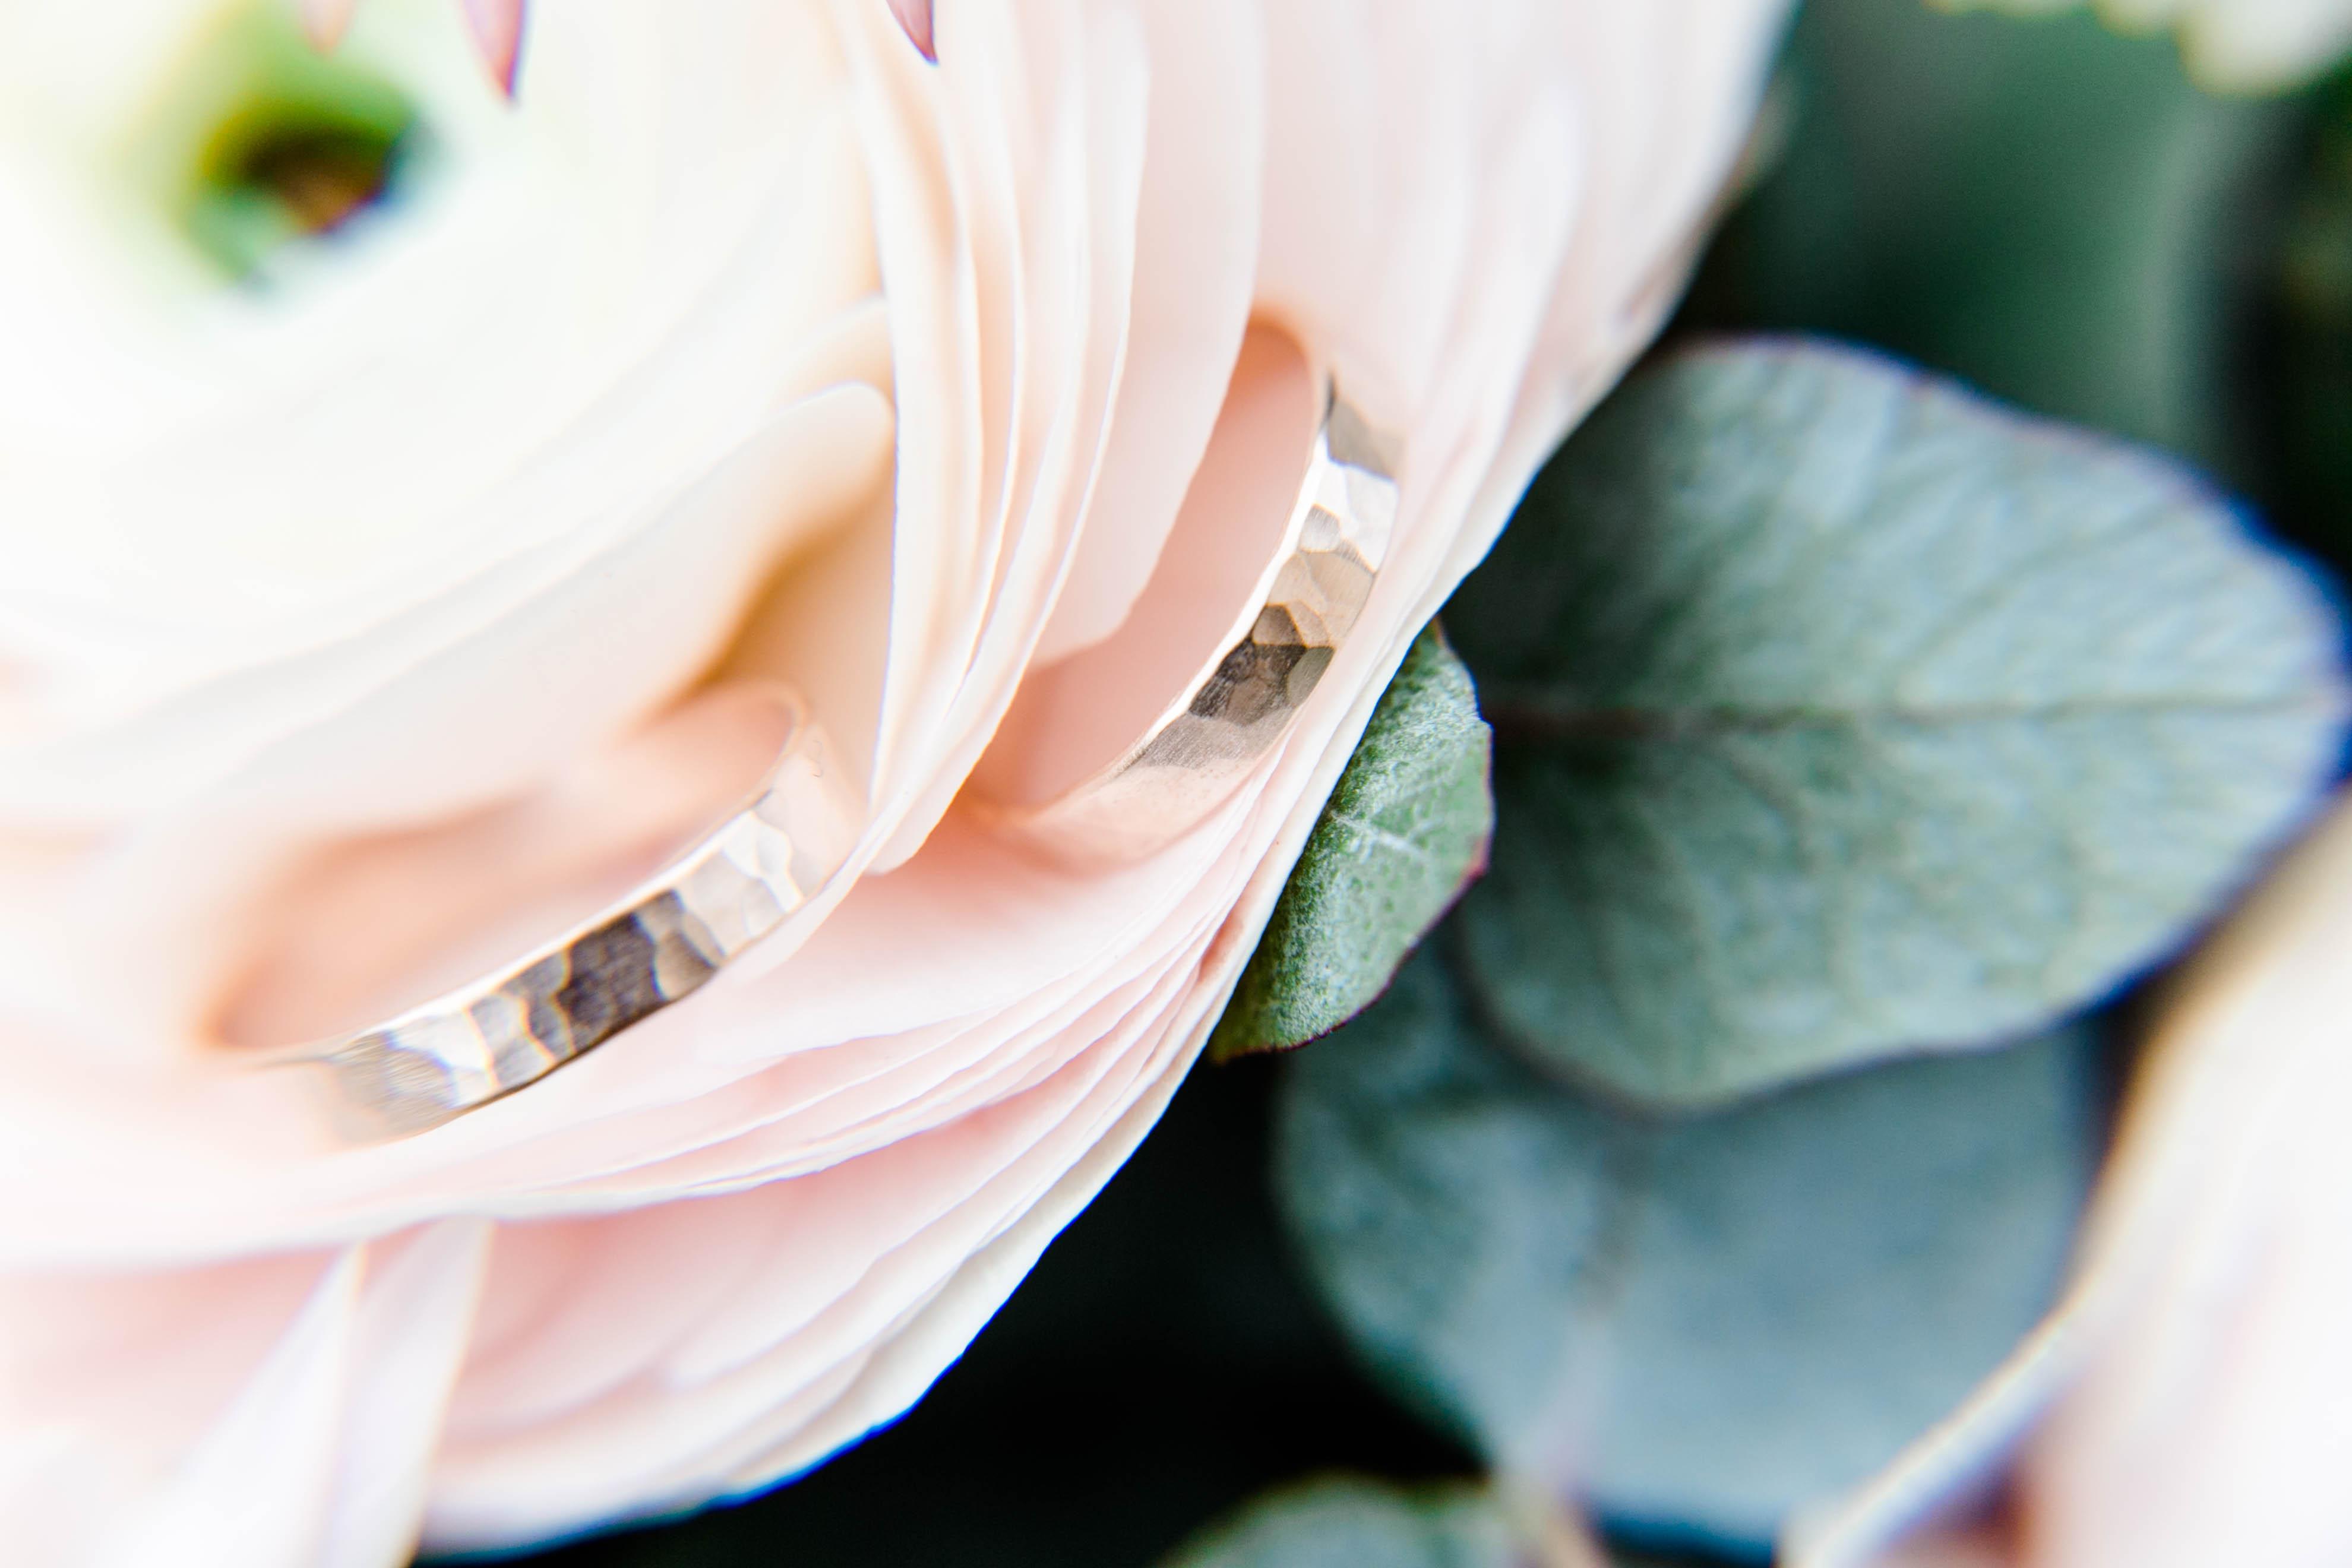 Eheringe in Blüten